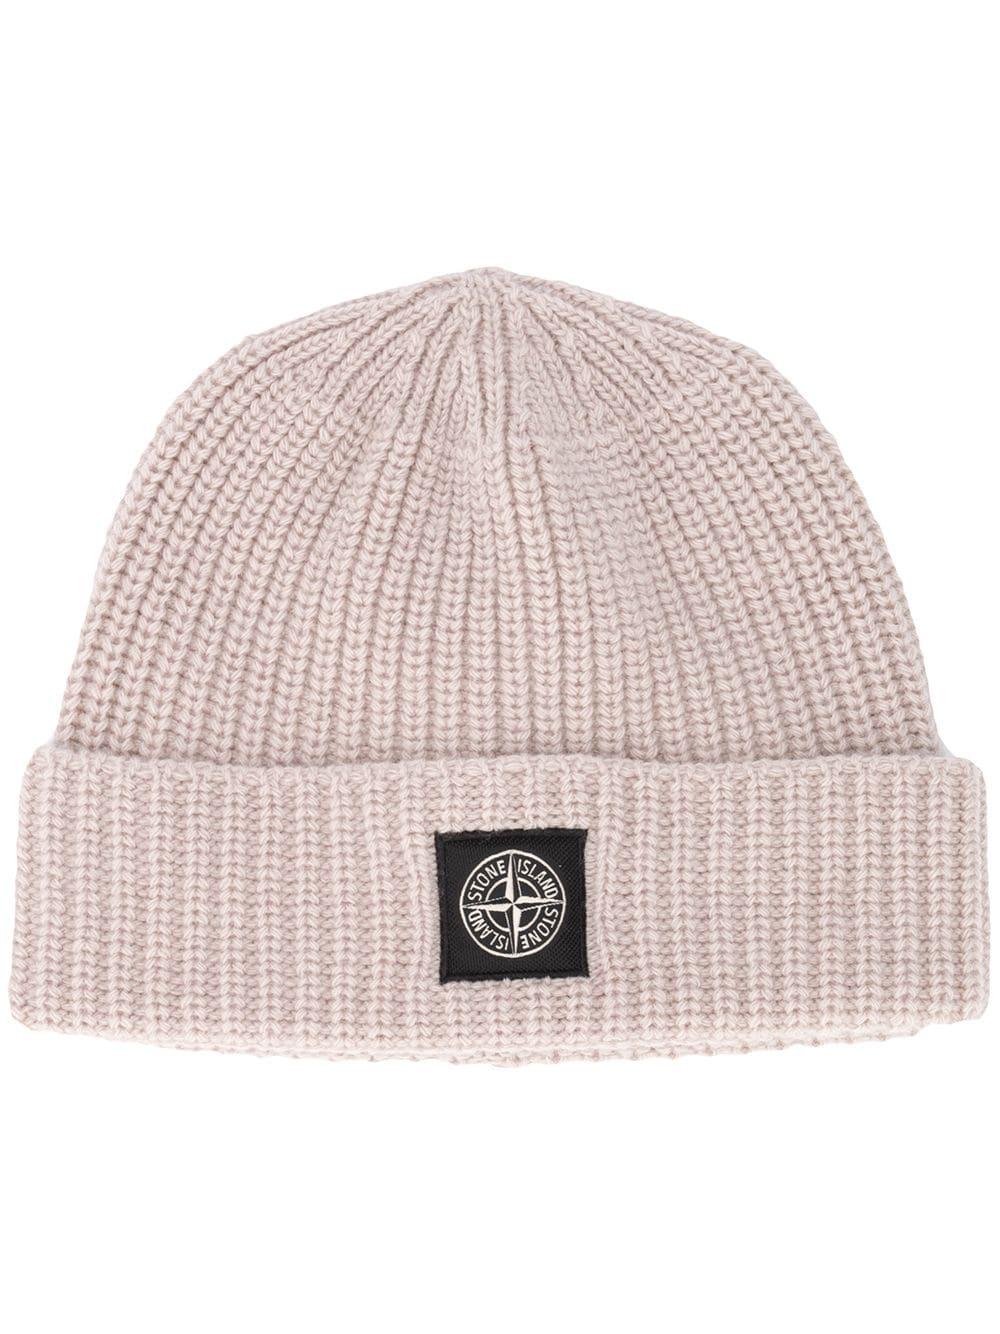 Cappello in lana beige con lavorazione a coste STONE ISLAND   Cappelli   7315N10B5V0092